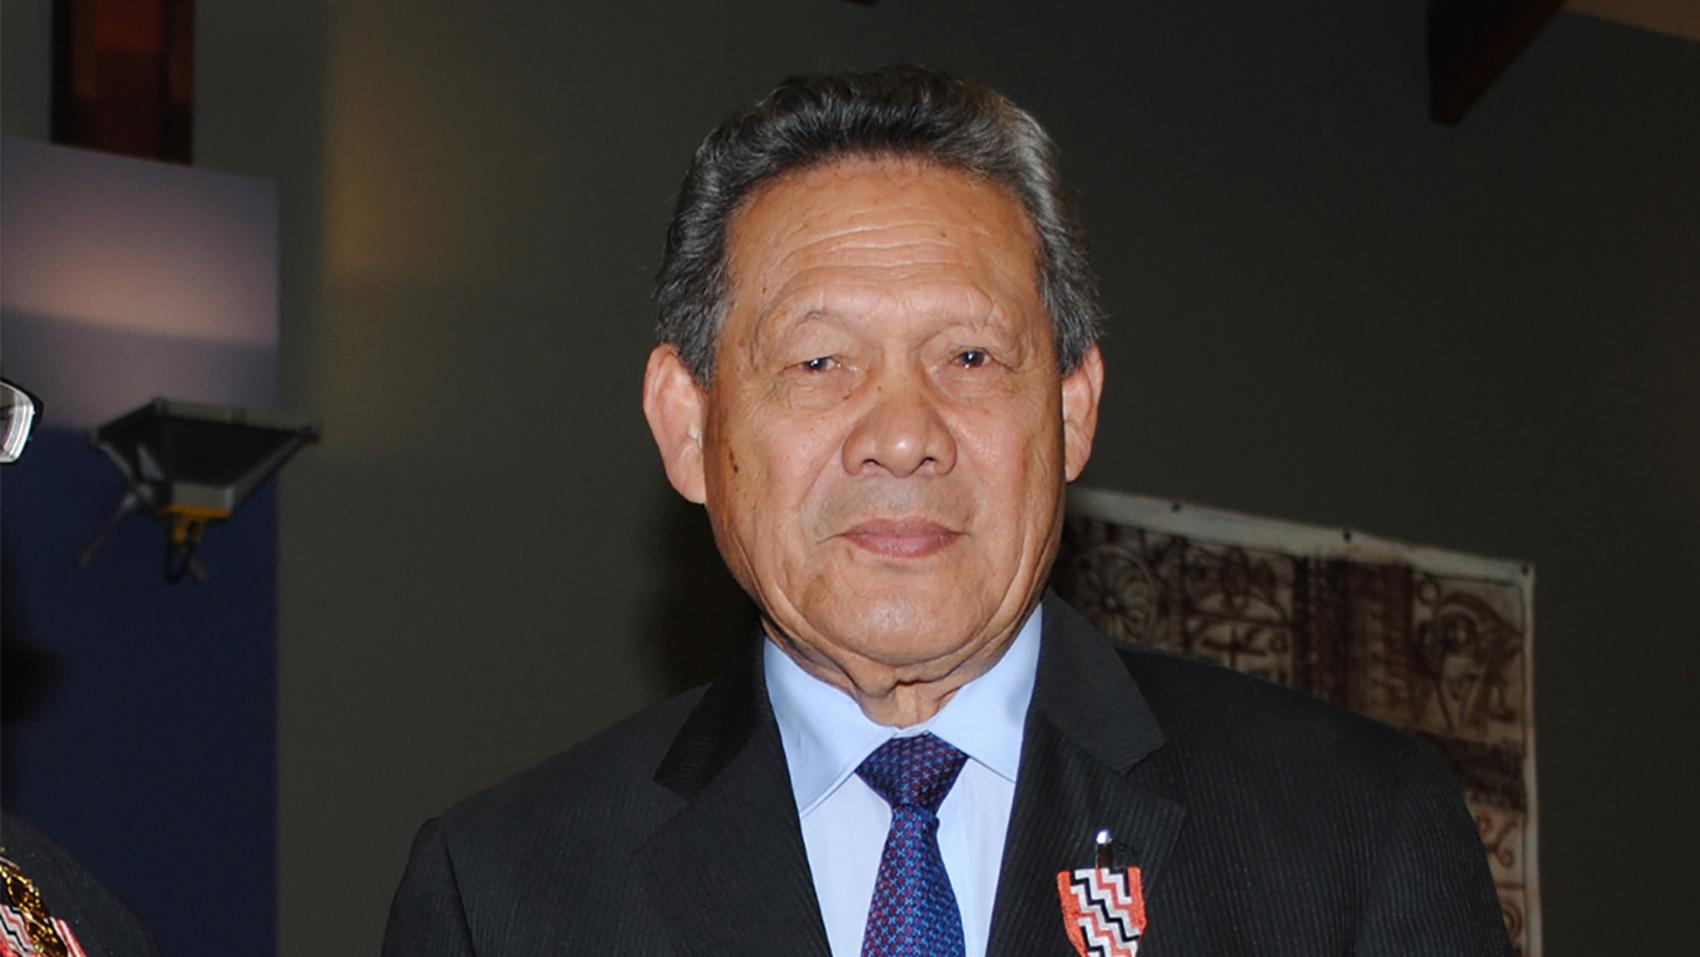 Dr. Joseph Williams